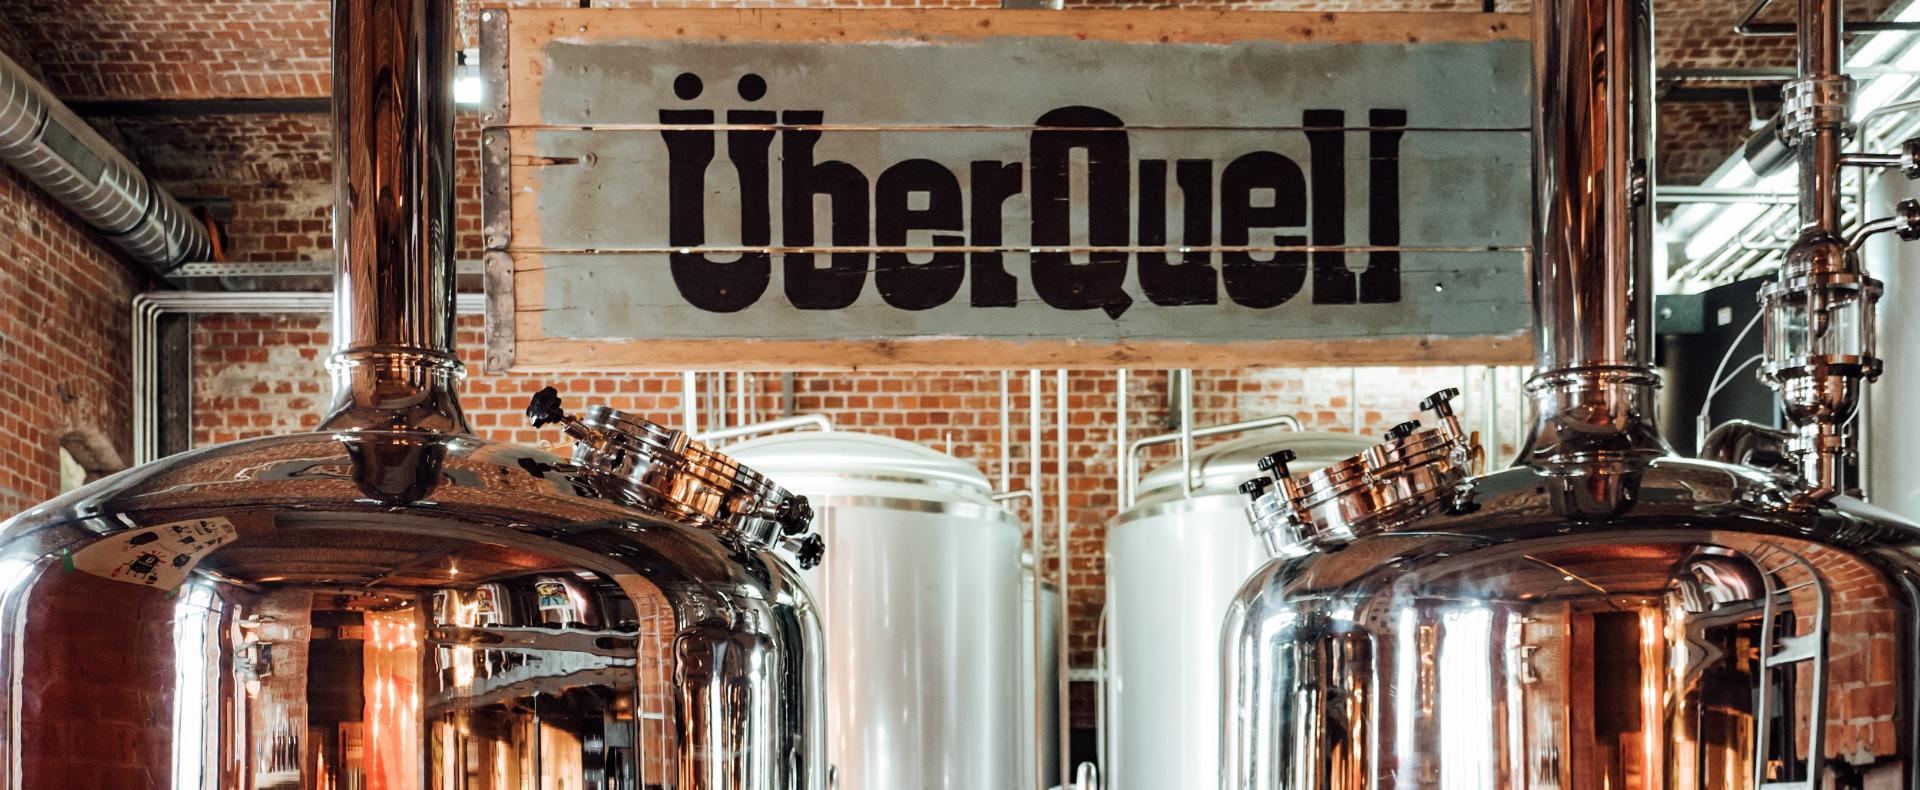 Banner Brauerei 2